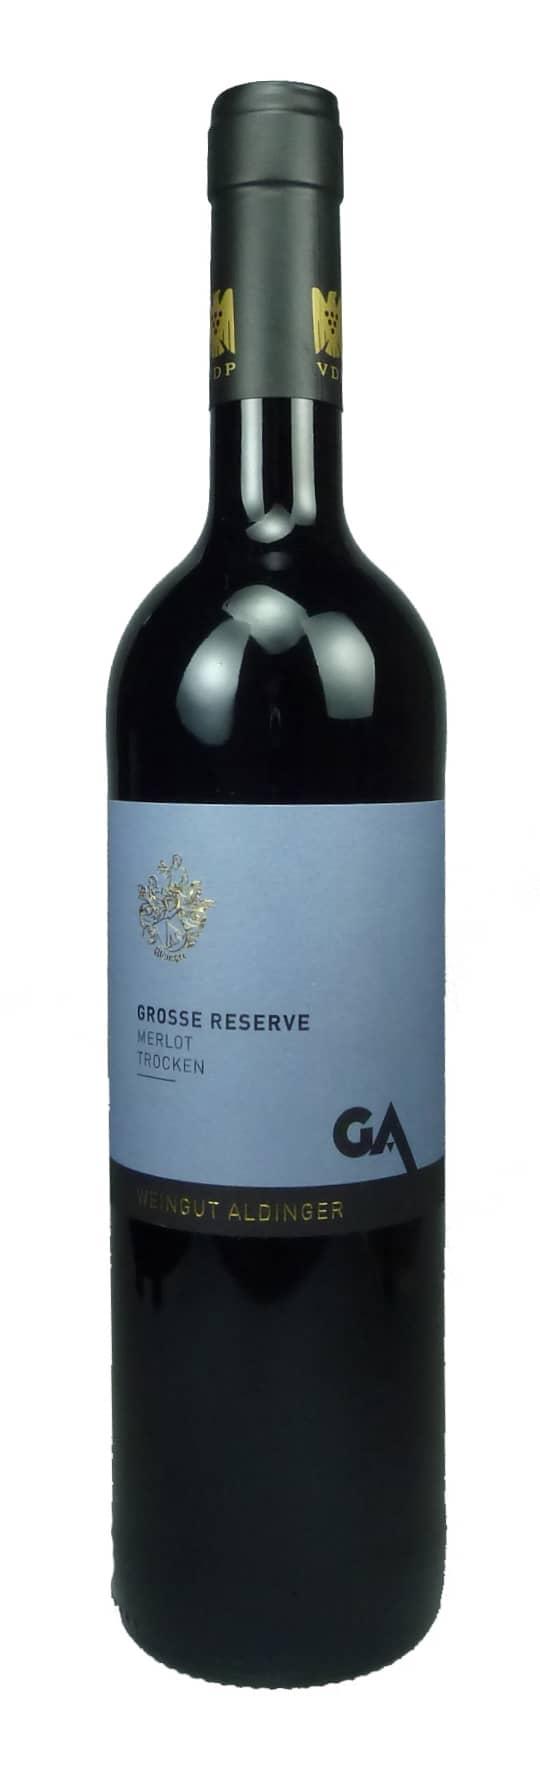 Merlot Reserve Qualitätswein trocken 2016